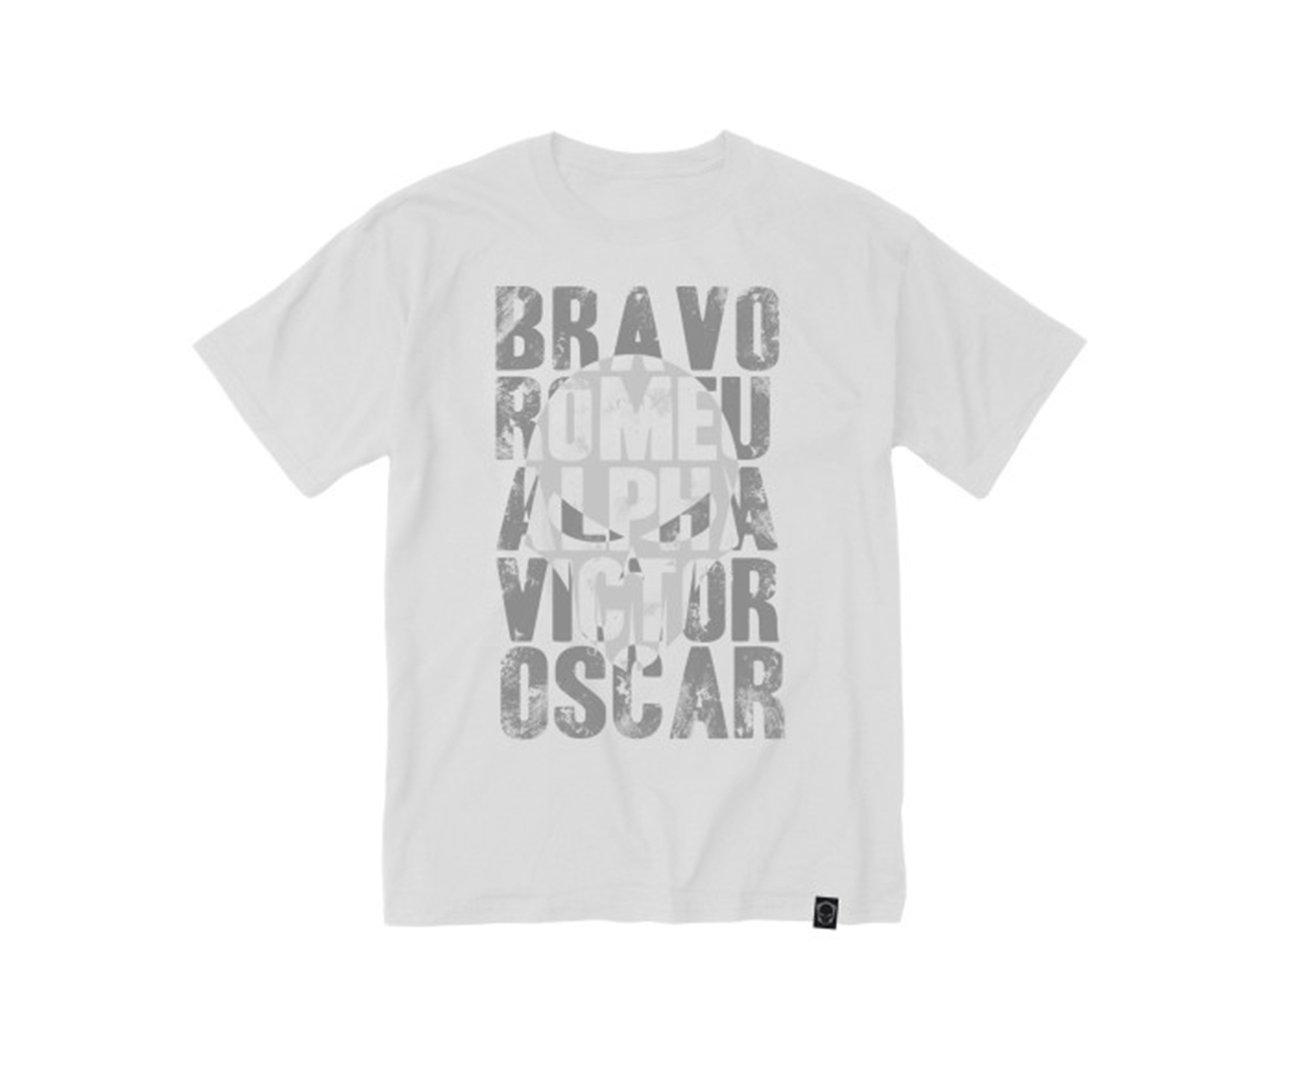 Camiseta Bravo Estampada Airsoft Alfabeto Branca